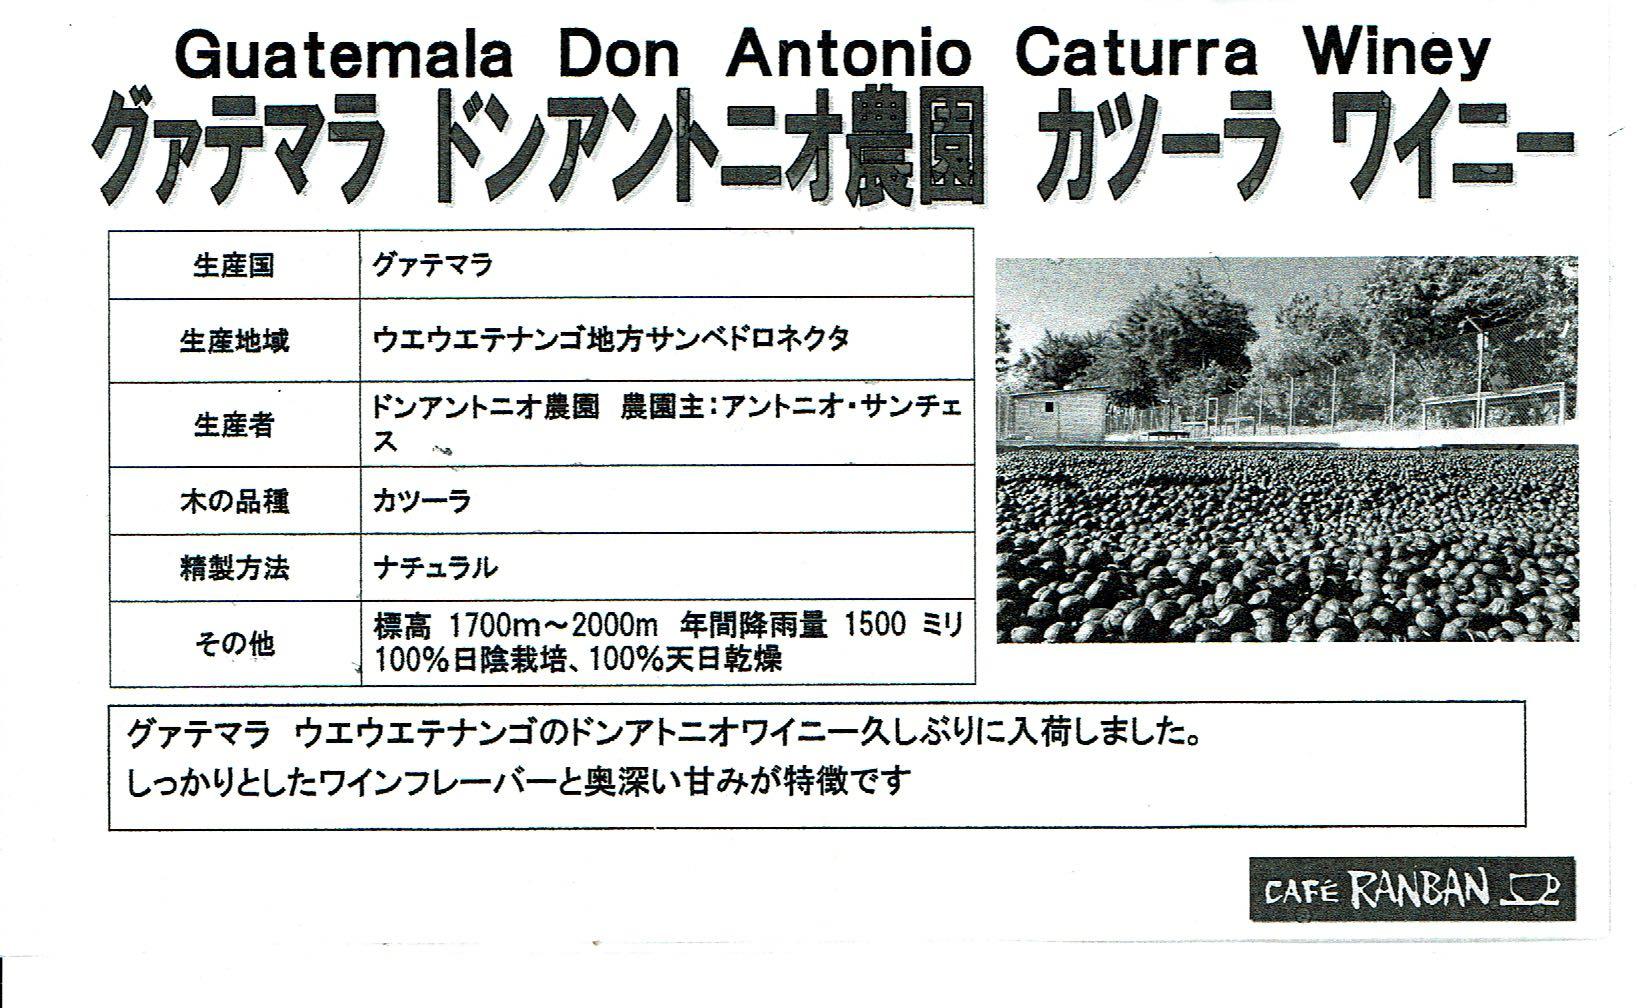 カフェ ランバン:グアテマラ ドン・アントニオ農園 カツーラ ワイニー